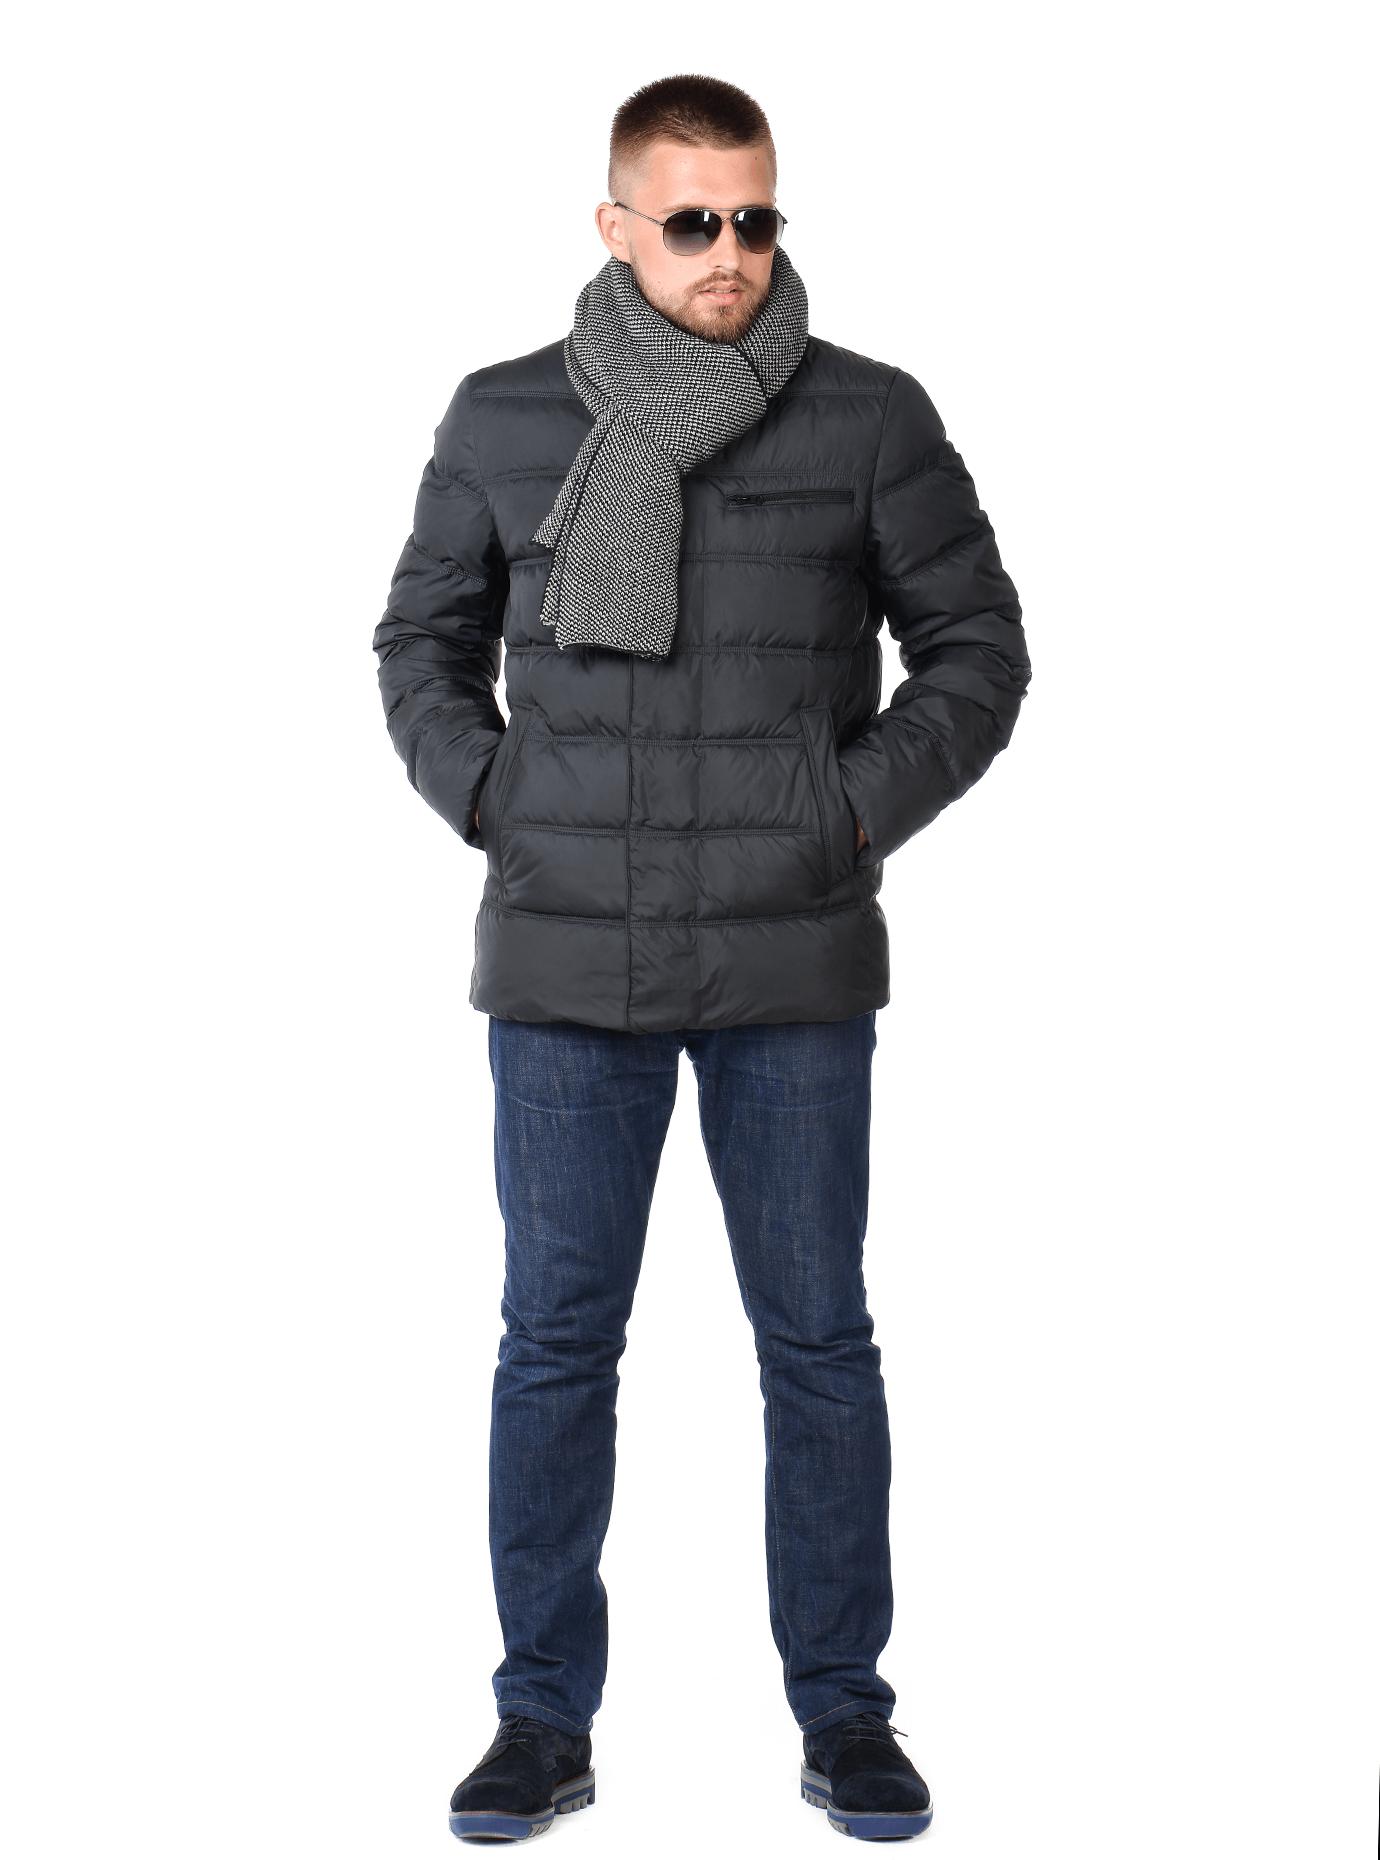 Зимняя мужская куртка Чёрный 46 (02-MC19239): фото - Alster.ua